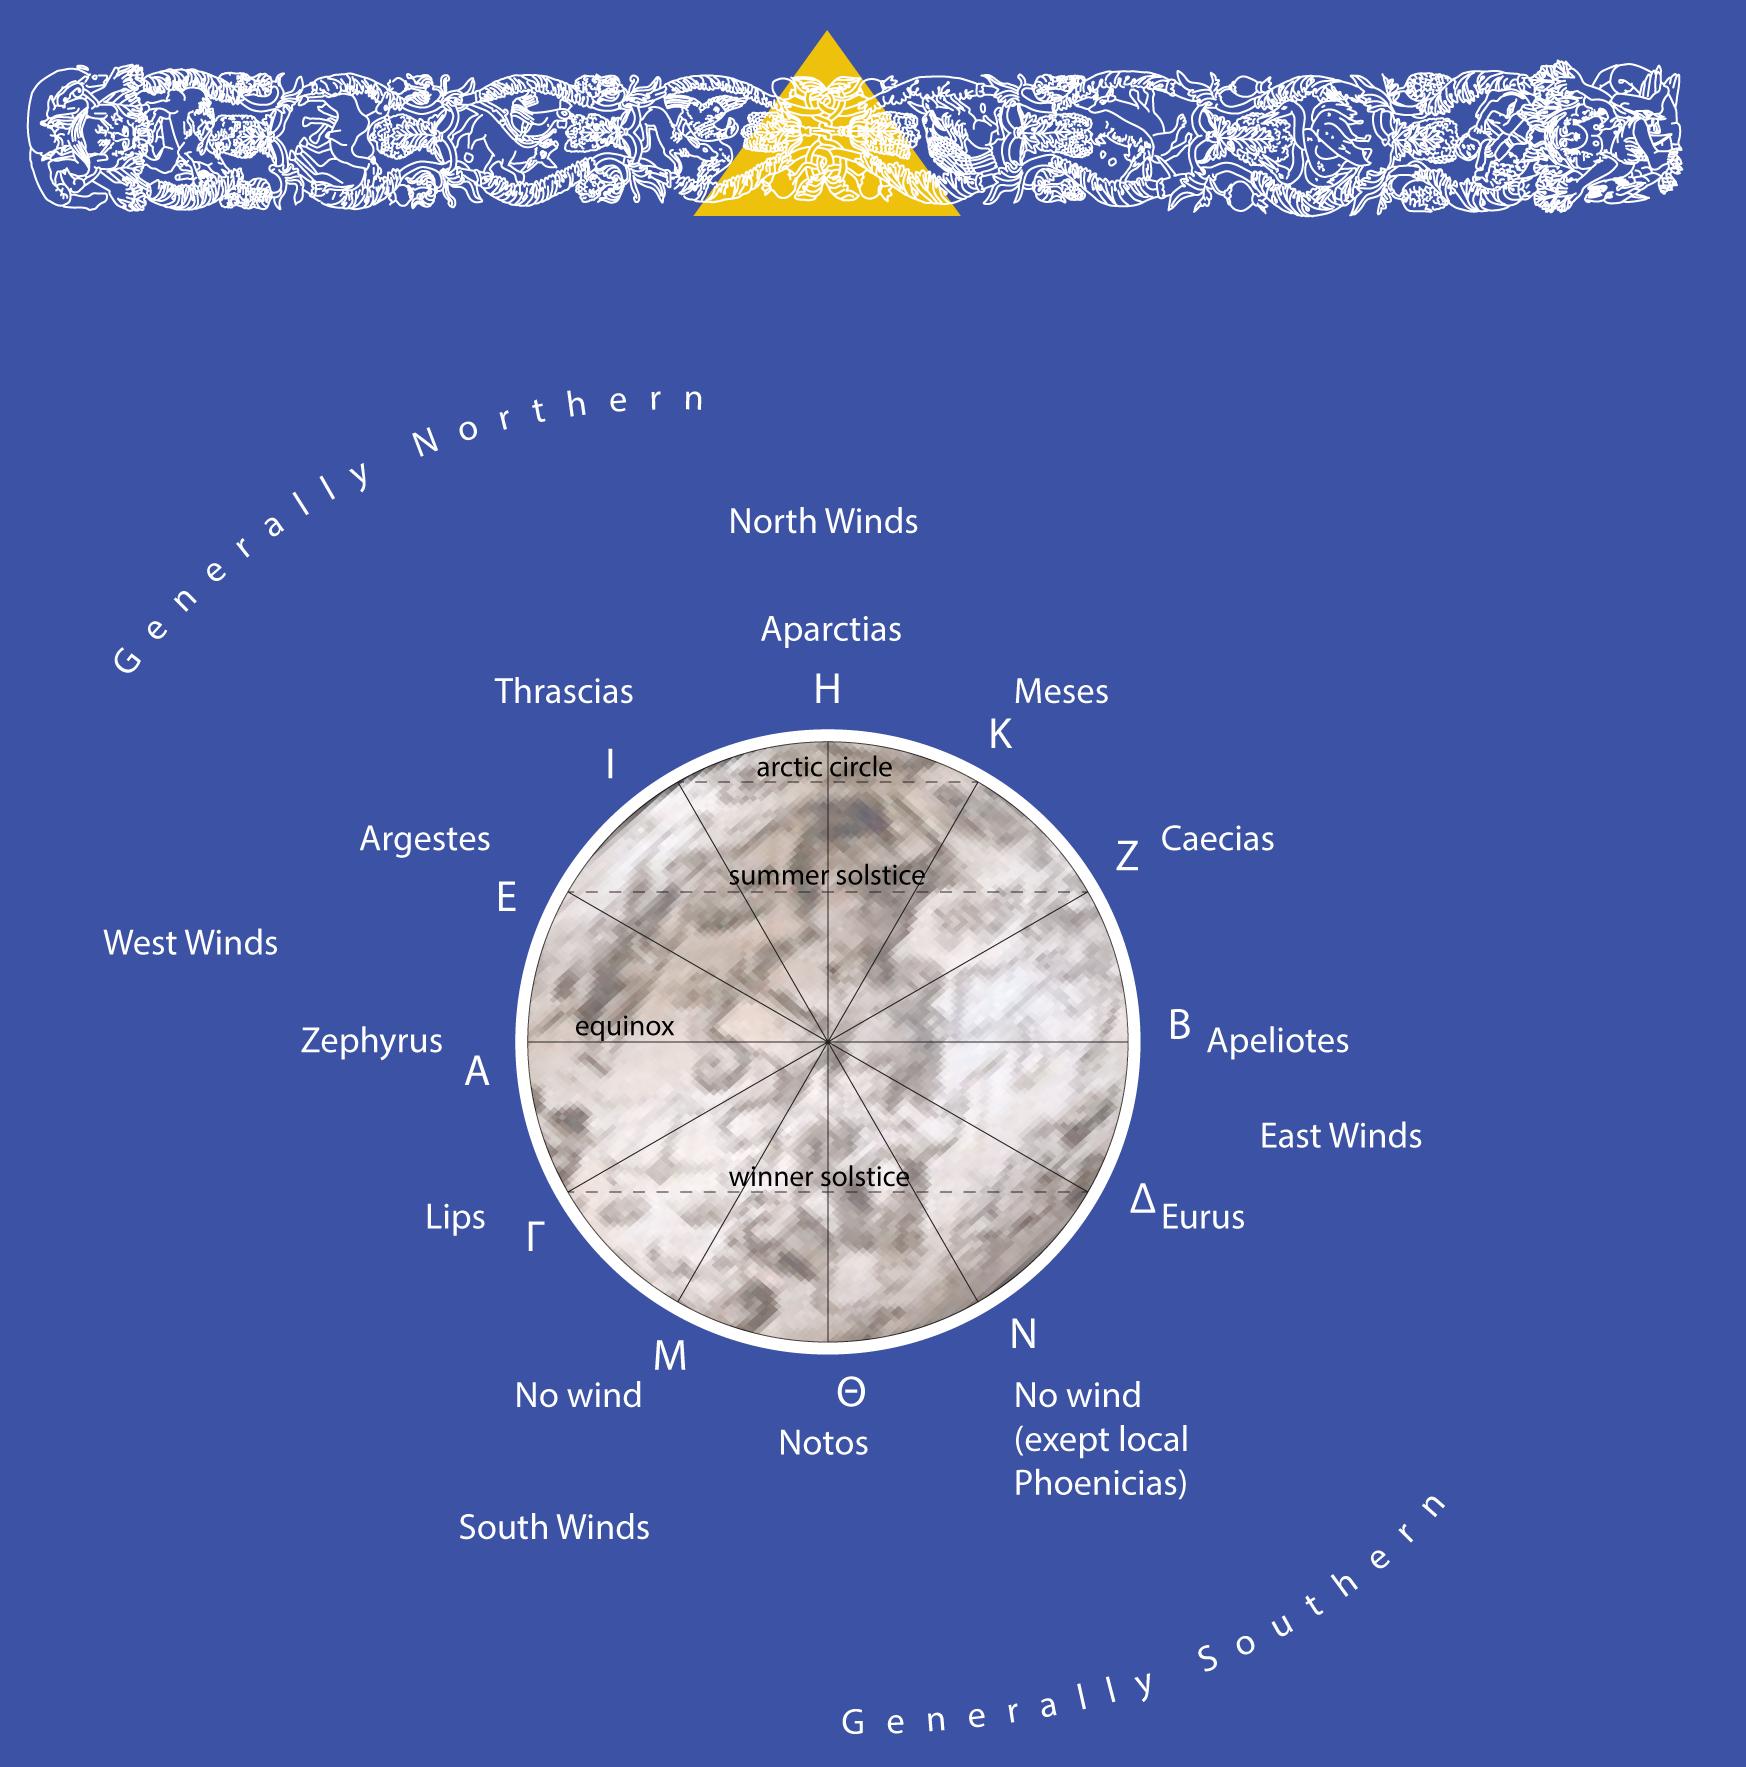 """l sottarco marciano, il """"Triangolo estivo"""" e la Rosa dei Venti a dodici punte  St.Mark's underarch, the """"Summer Triangle"""", and the Rose of the Winds with twelve points     Ricostruzione sulla base dei  Meteorologica  di Aristotele, 340 a.C  Based on Aristotle's  Meteorology , 340 B.C.   Reconstruction by Khrisnavedala via Wikimedia Commons Pavo, Columba, Phoenix"""